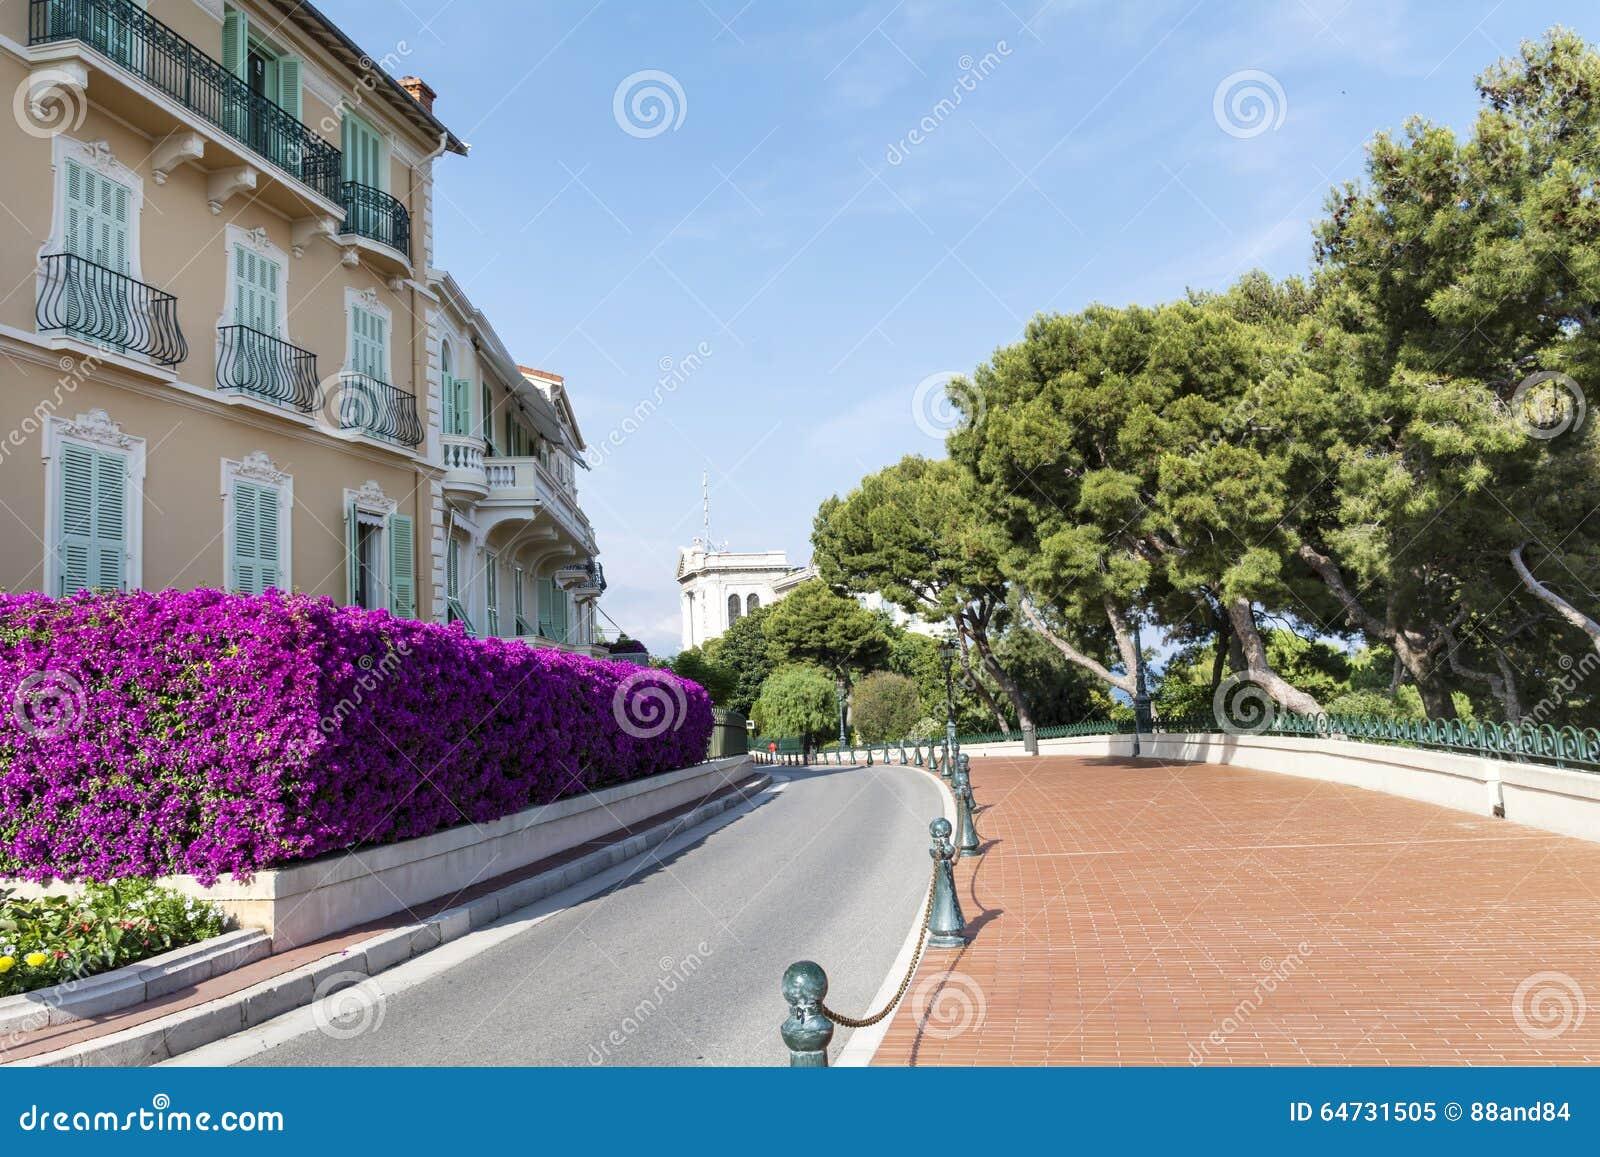 Via vuota tipica in vecchia città nel Monaco in un giorno soleggiato